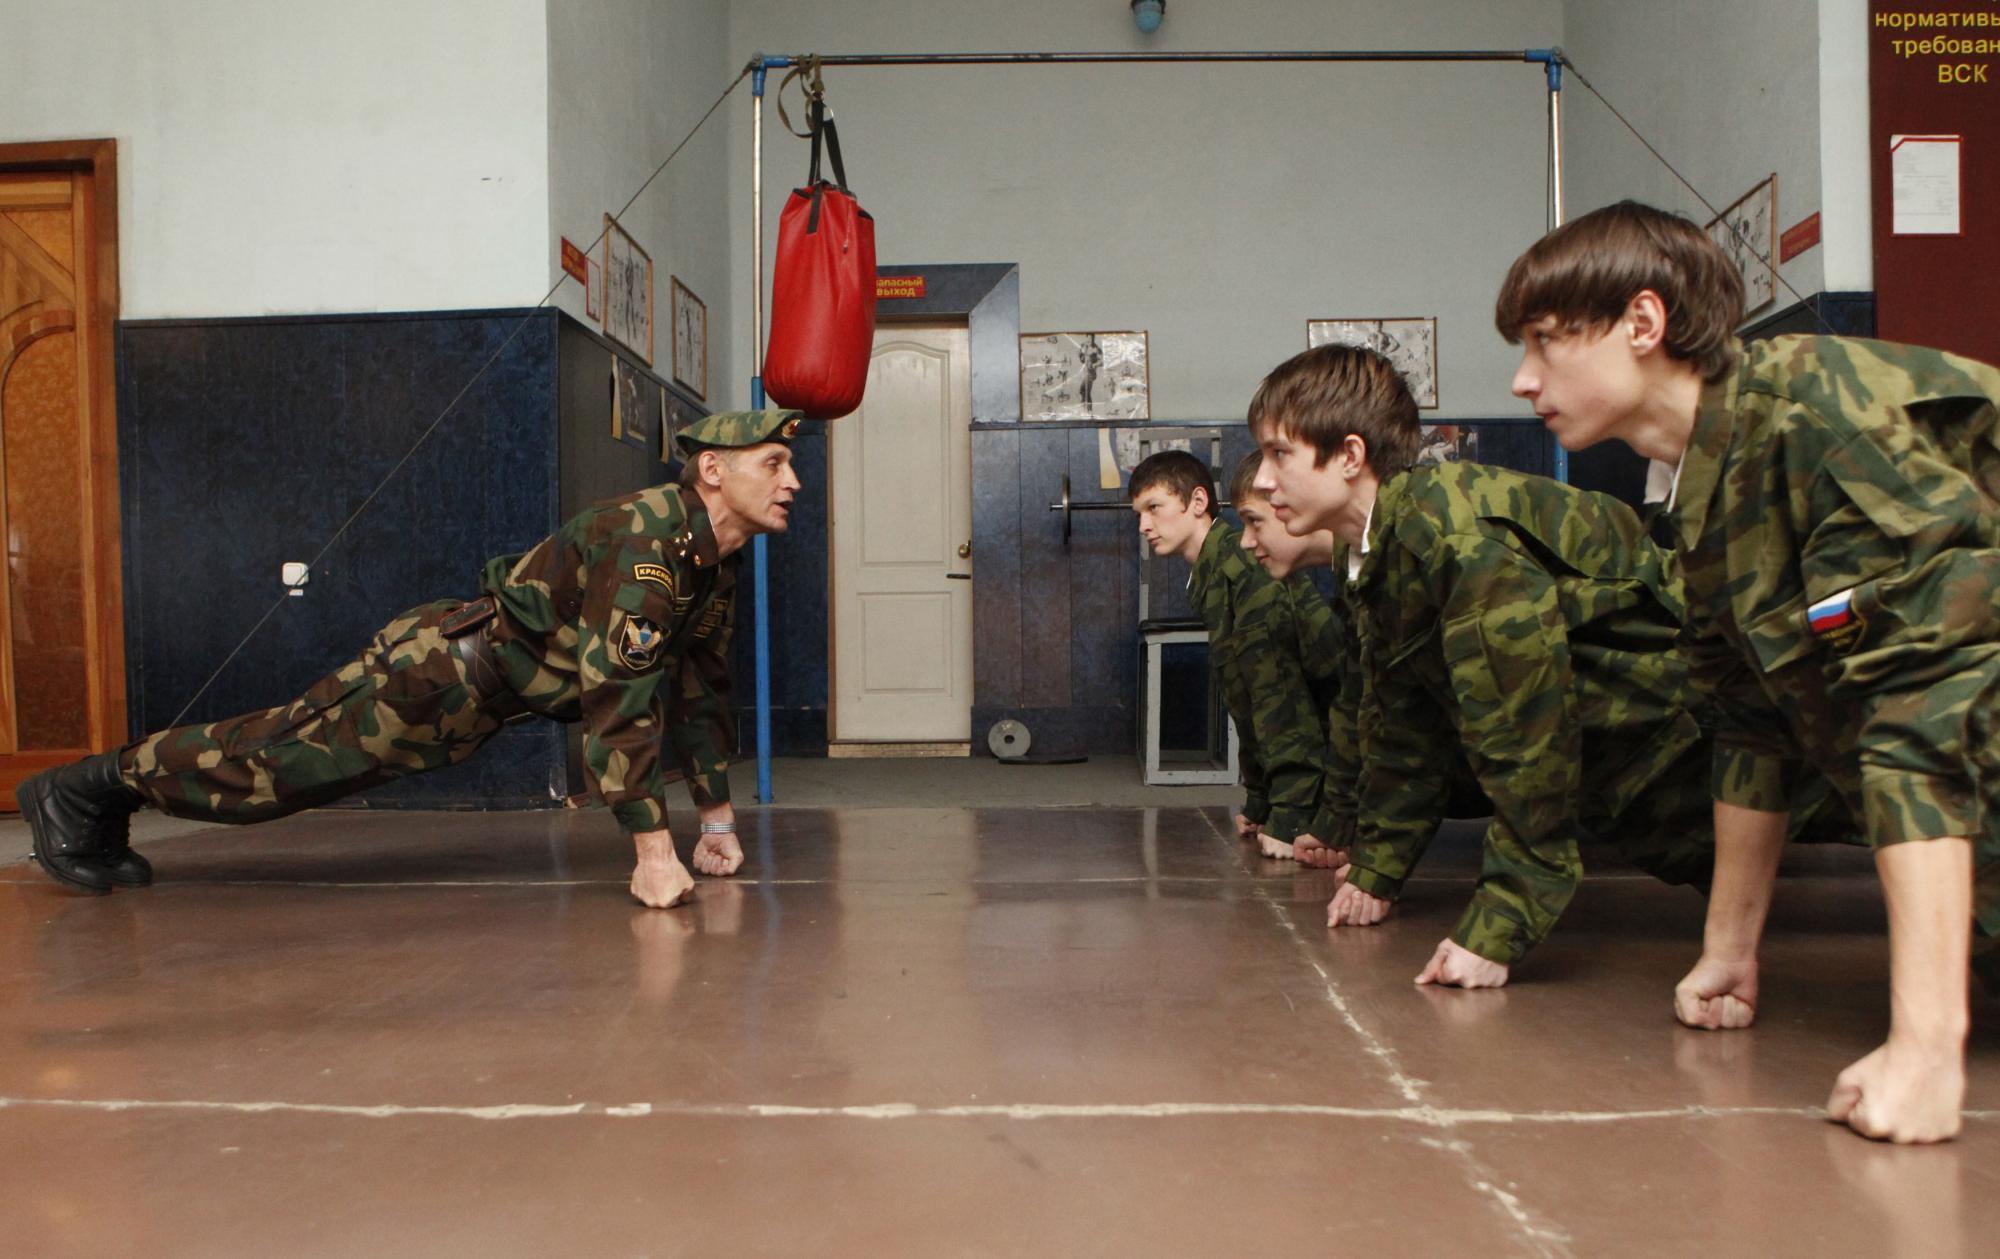 Фото мальчиков в ваенкомате 12 фотография